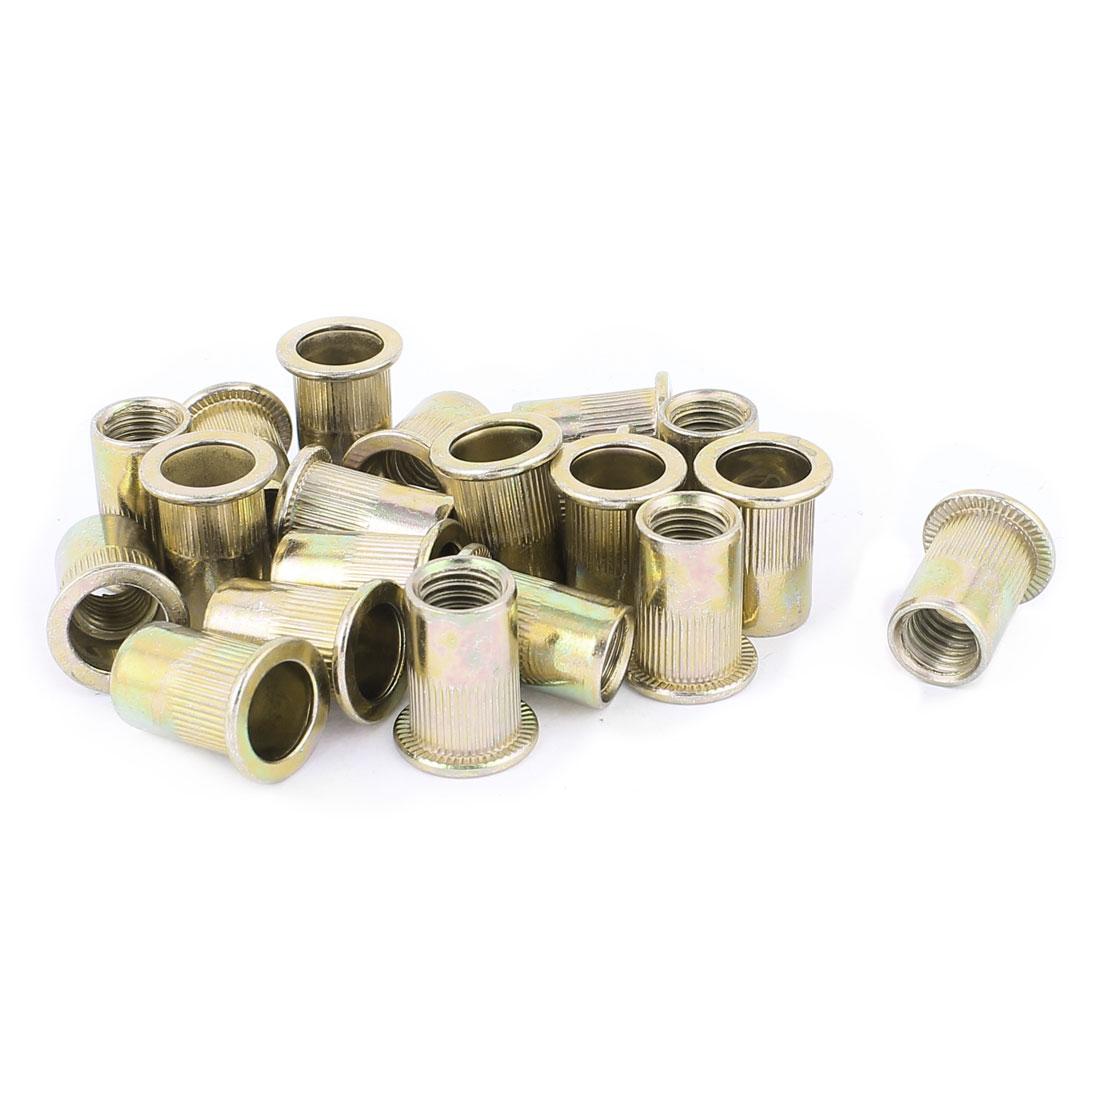 20 Pcs M10x21 Zinc Plated Carbon Steel Rivet Nut Insert Nutsert